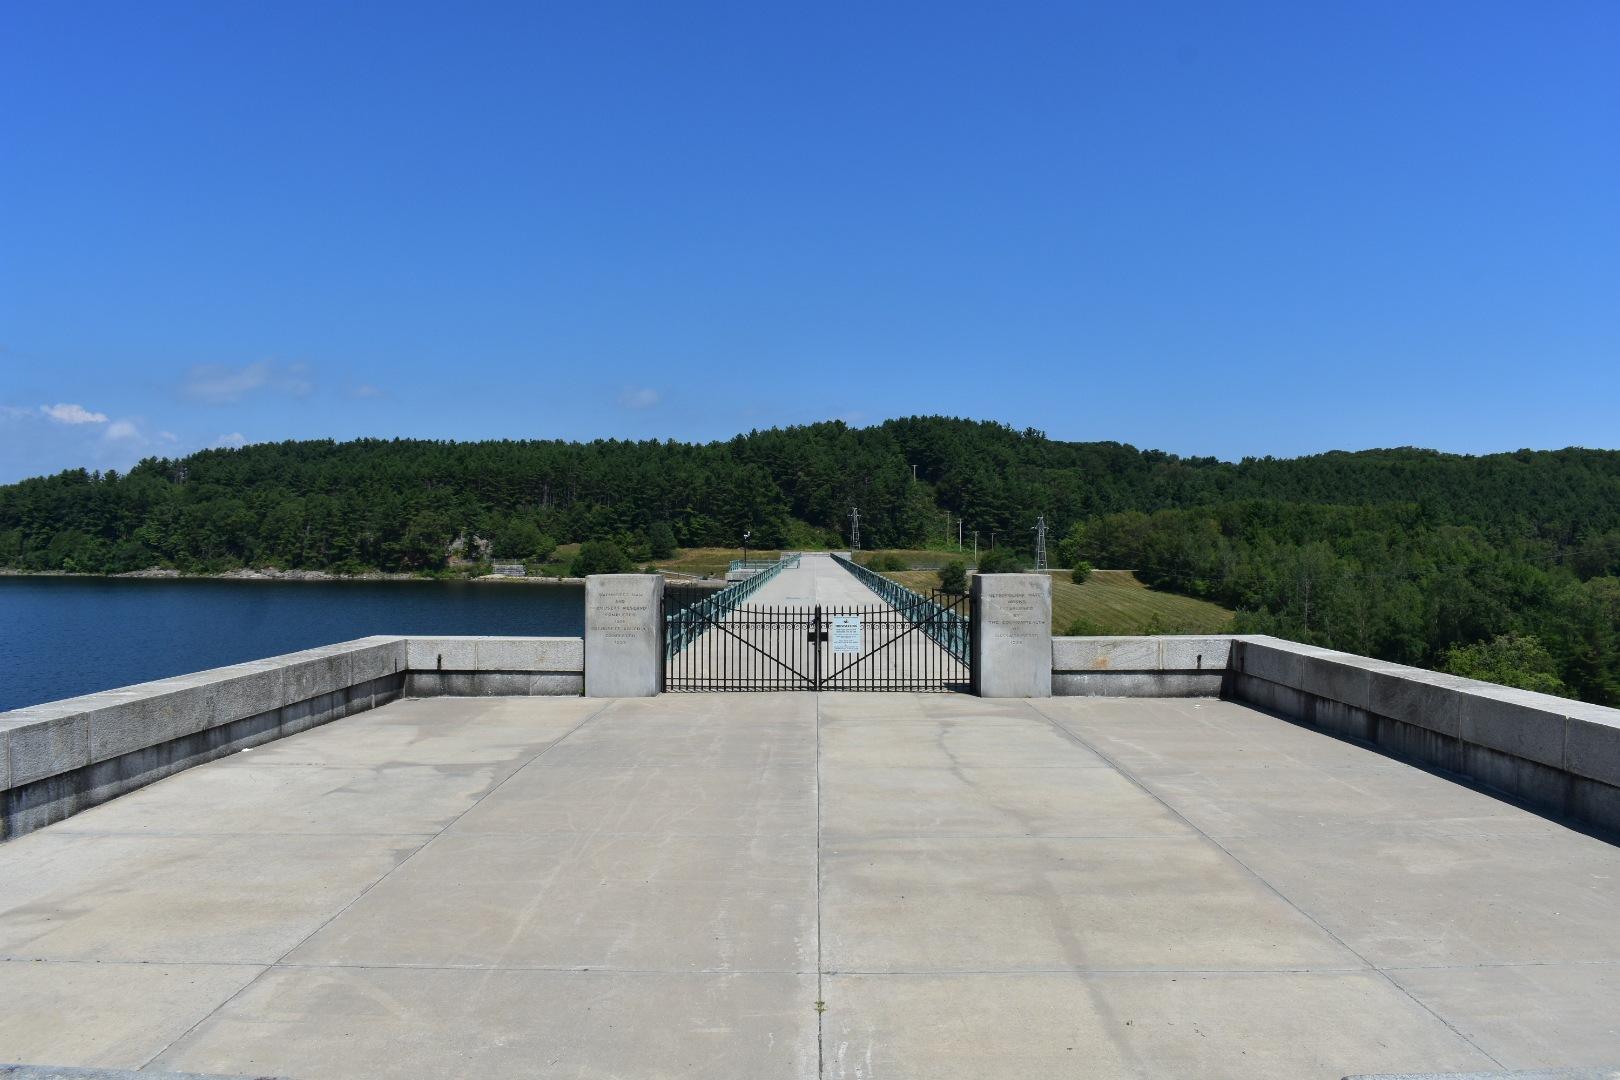 wachussett dam, Clinton, MA by Felix Flores